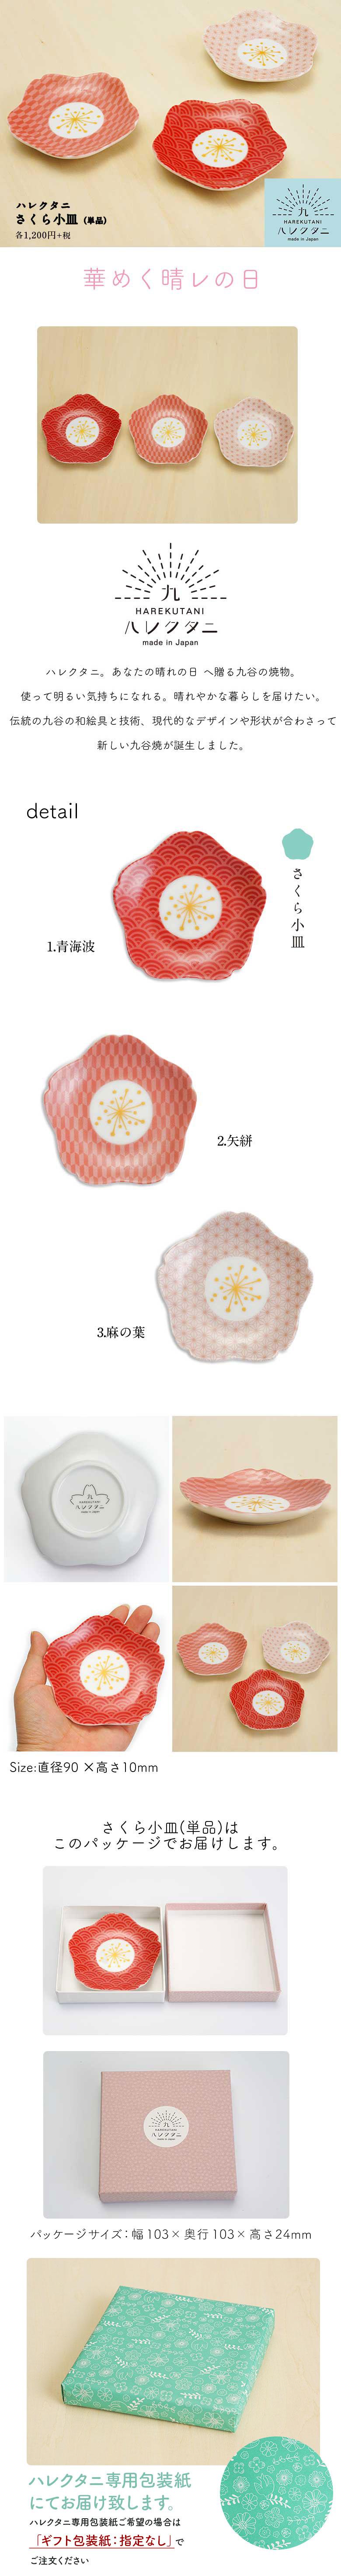 【九谷焼】さくら小皿/ハレクタニ